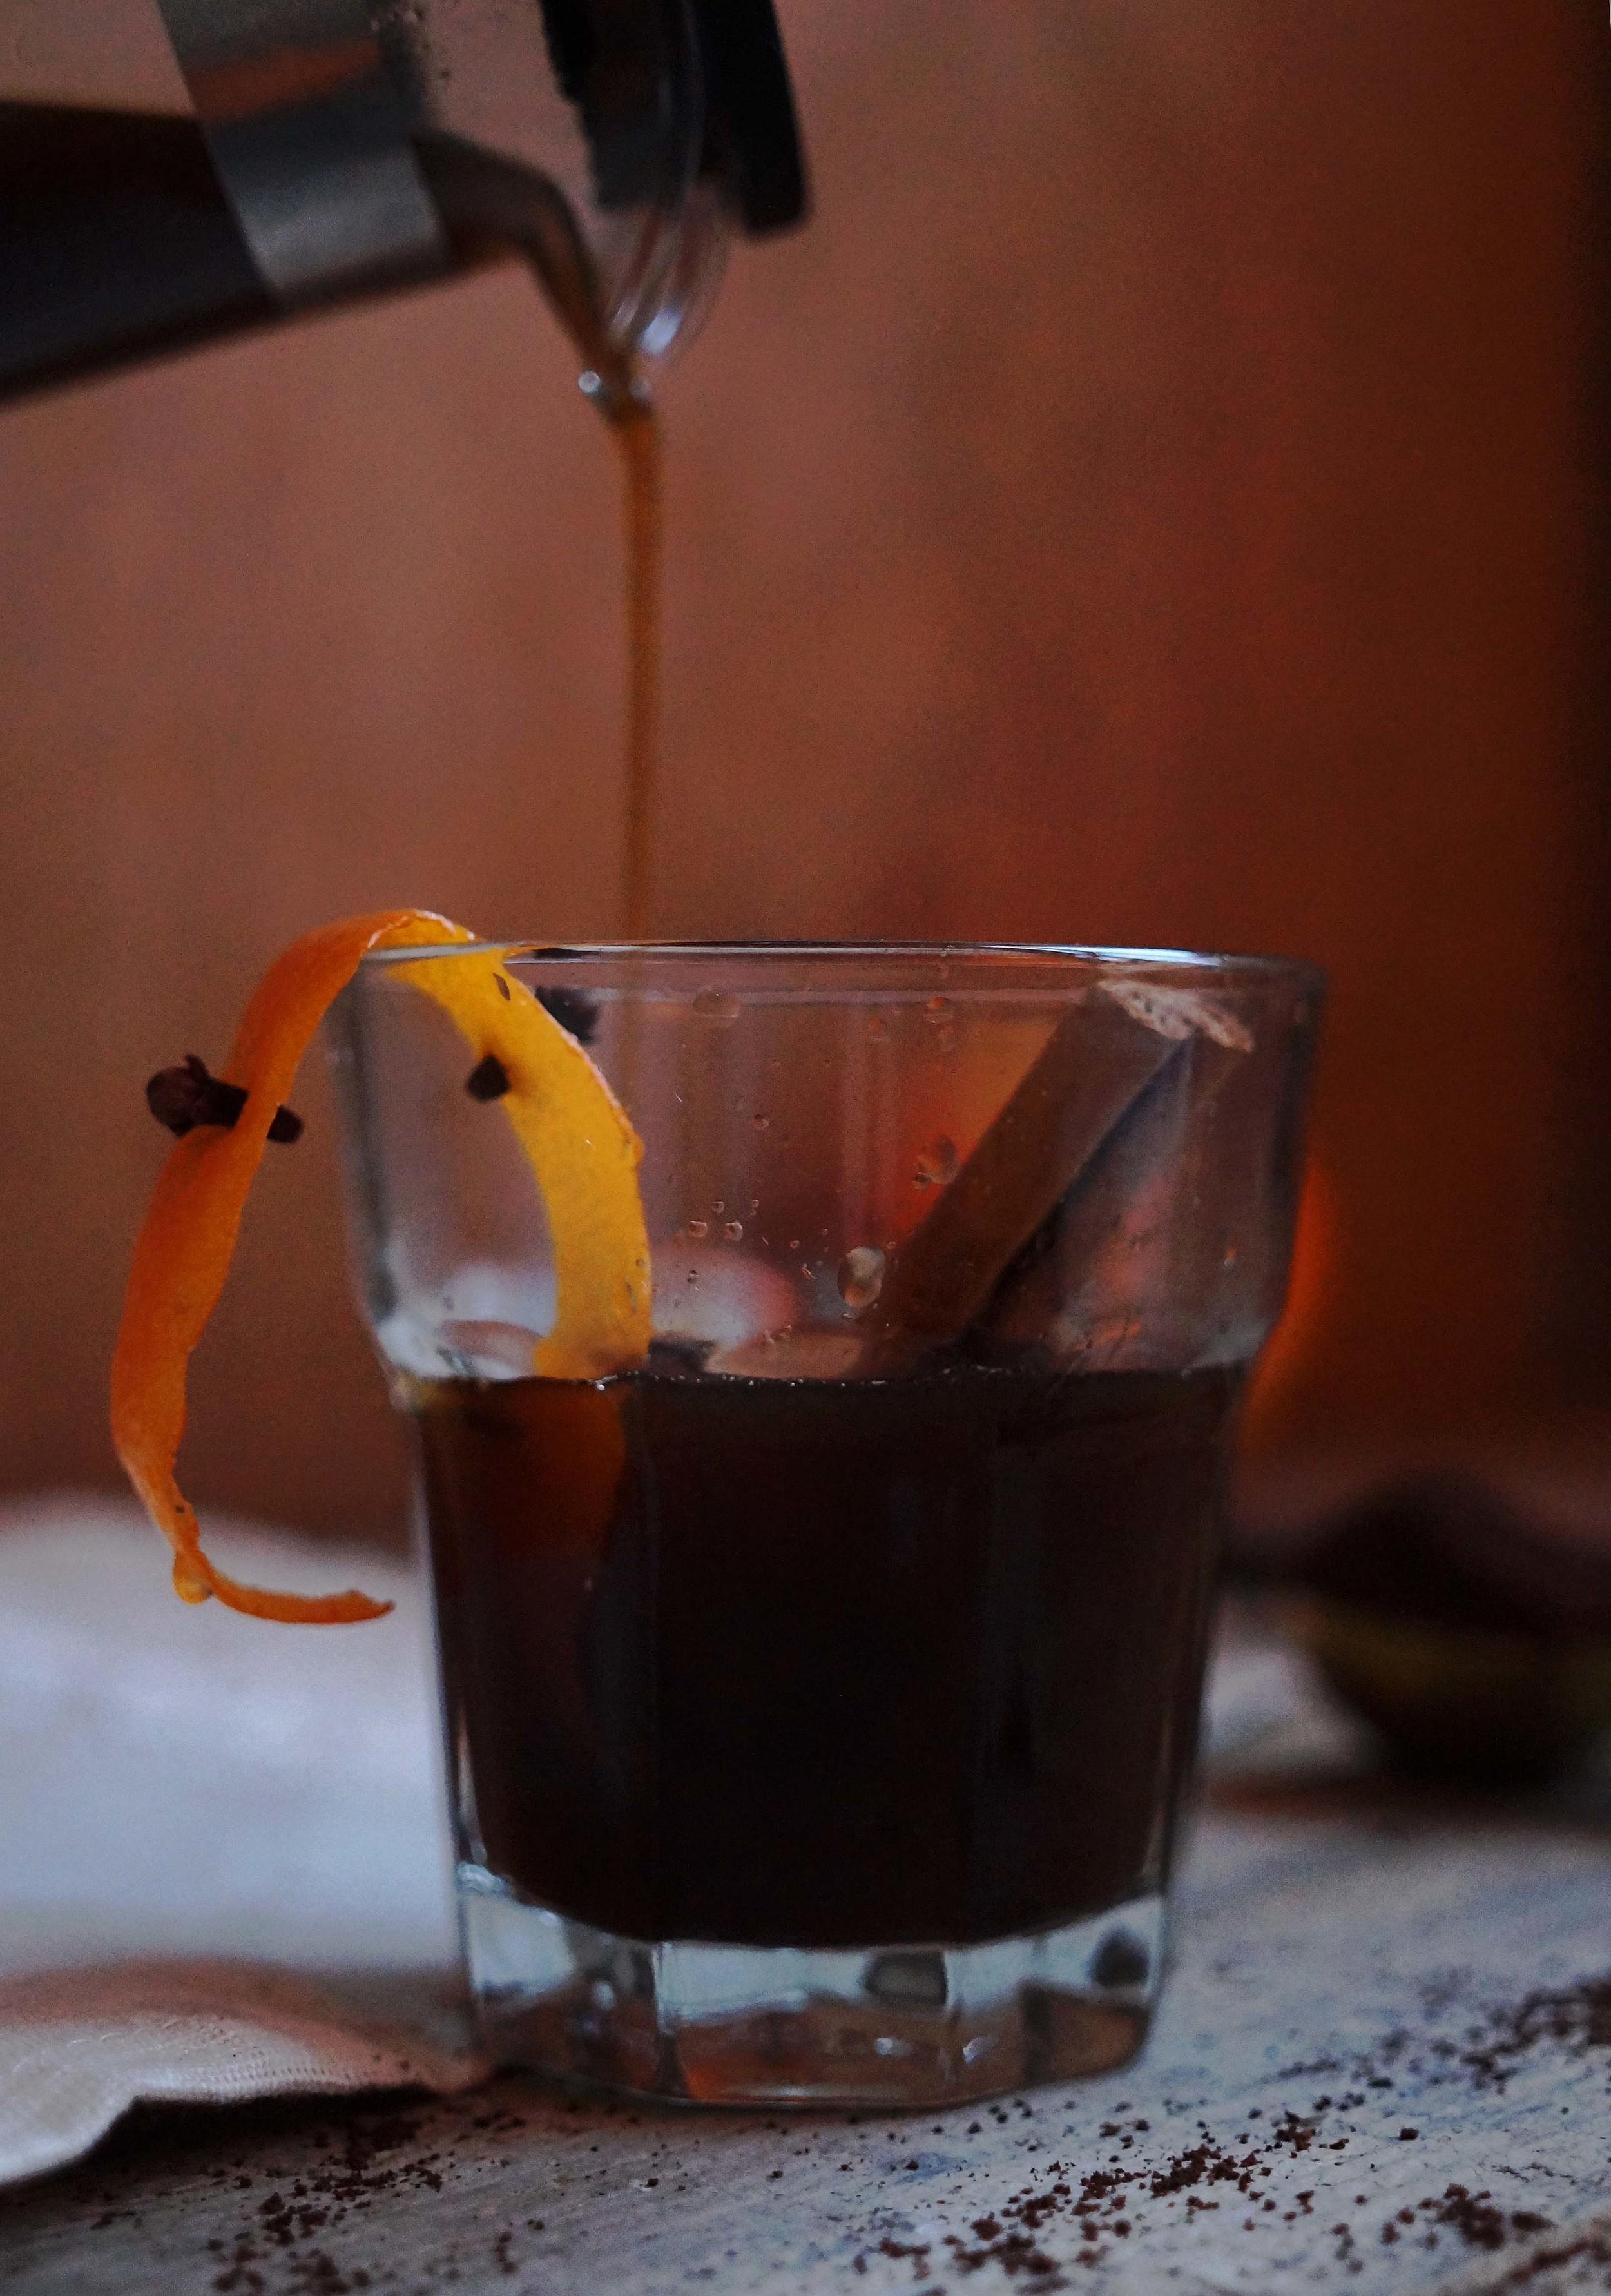 Café Brulot - geflambeerde koffie met sinaasappel & specerijen